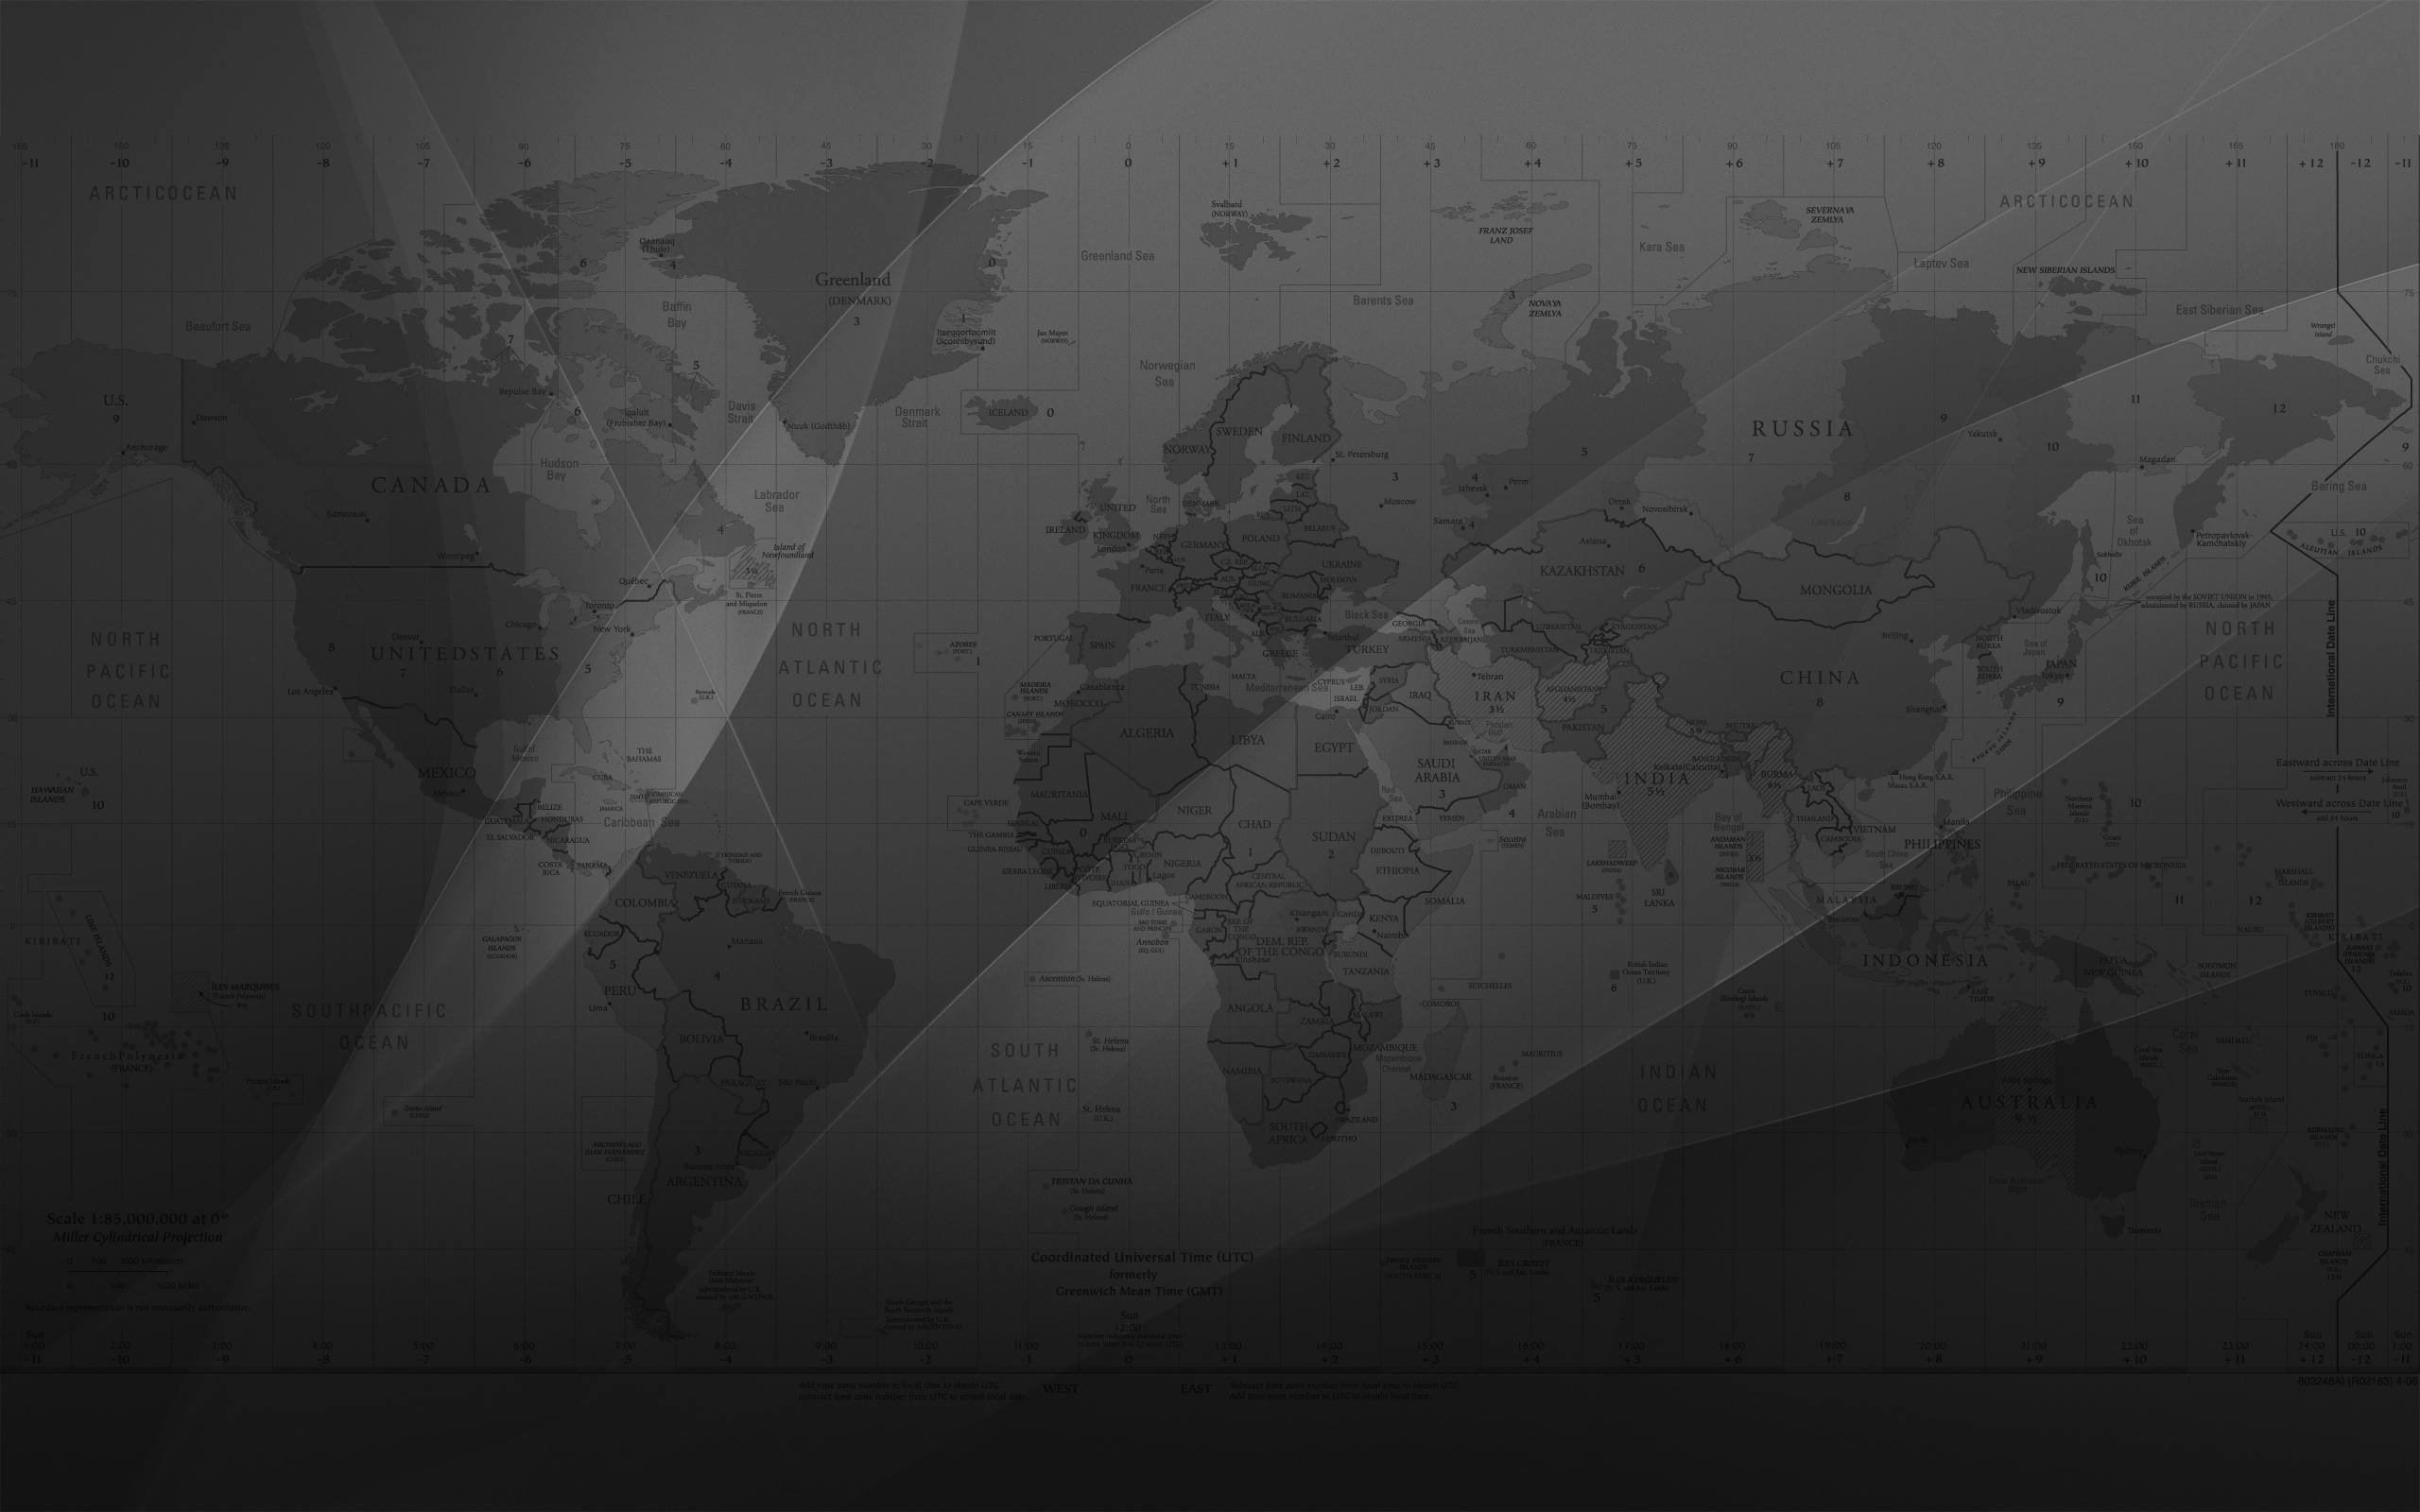 Black white world map wallpaper hd ololoshenka pinterest black white world map wallpaper hd gumiabroncs Images